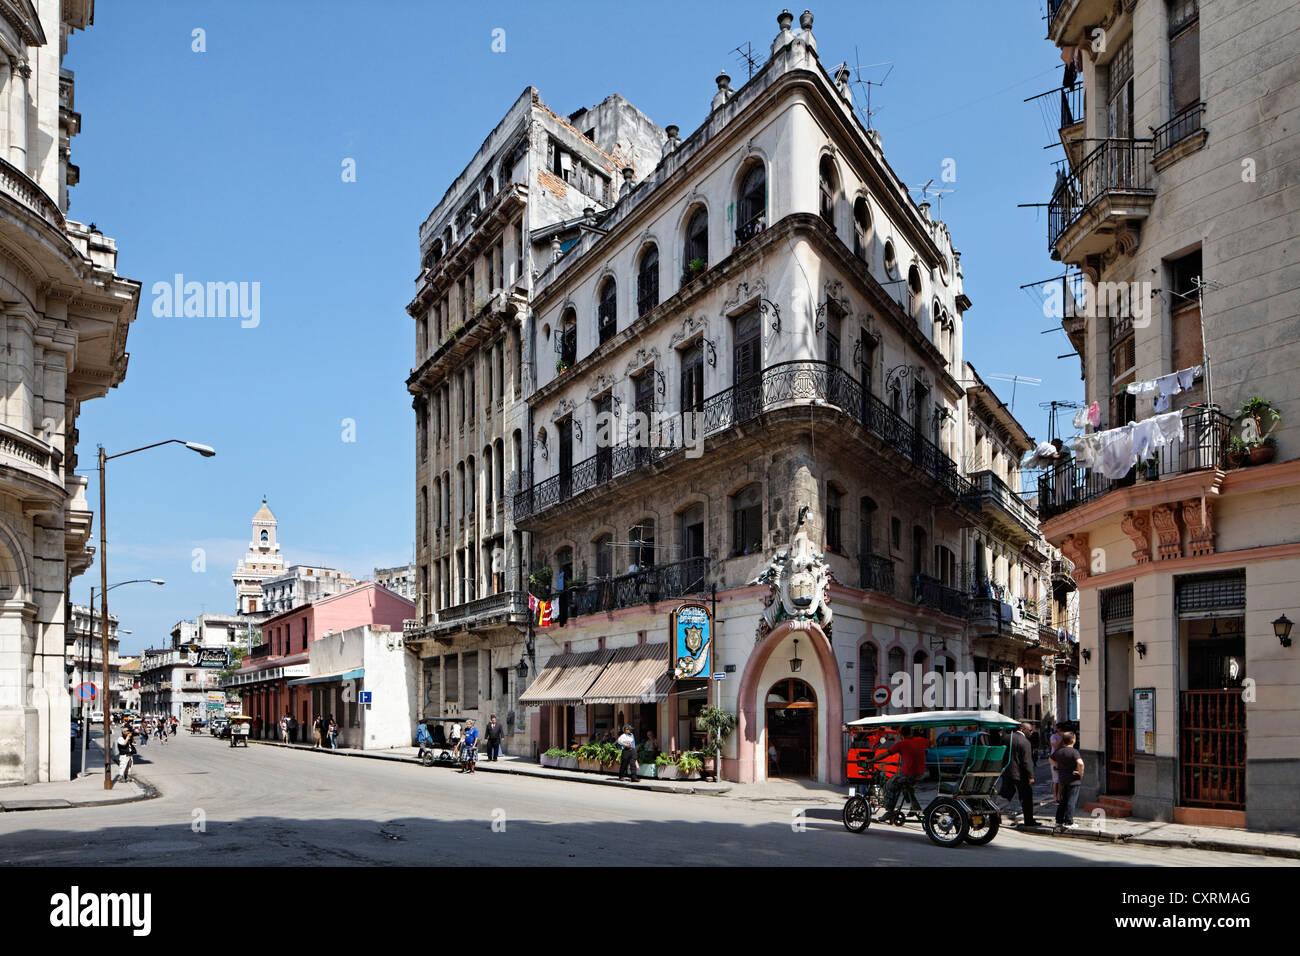 Strada tipica con neo-classico edificio risalente al feudalesimo volte, Castillo de Farnes Ristorante, Obrapia Immagini Stock